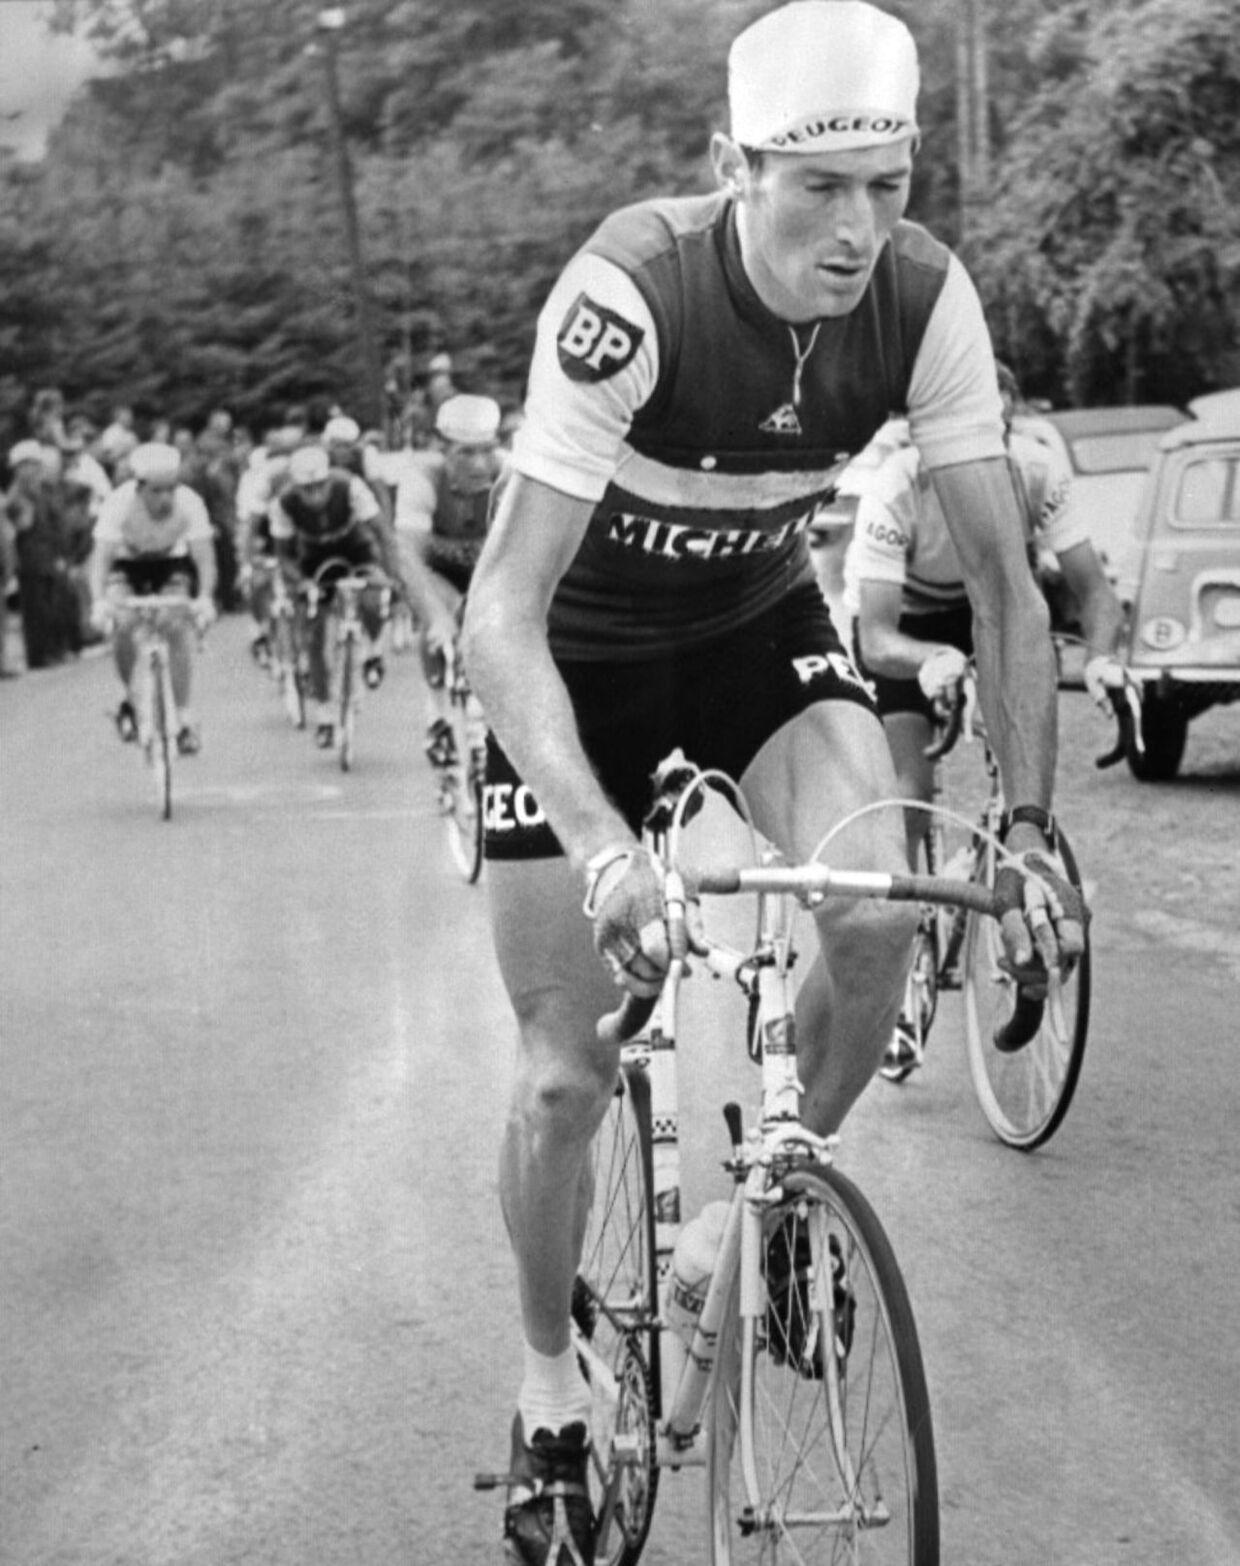 Roger Pingeon ses her i det år, hvor han vandt Tour de France - 1967.